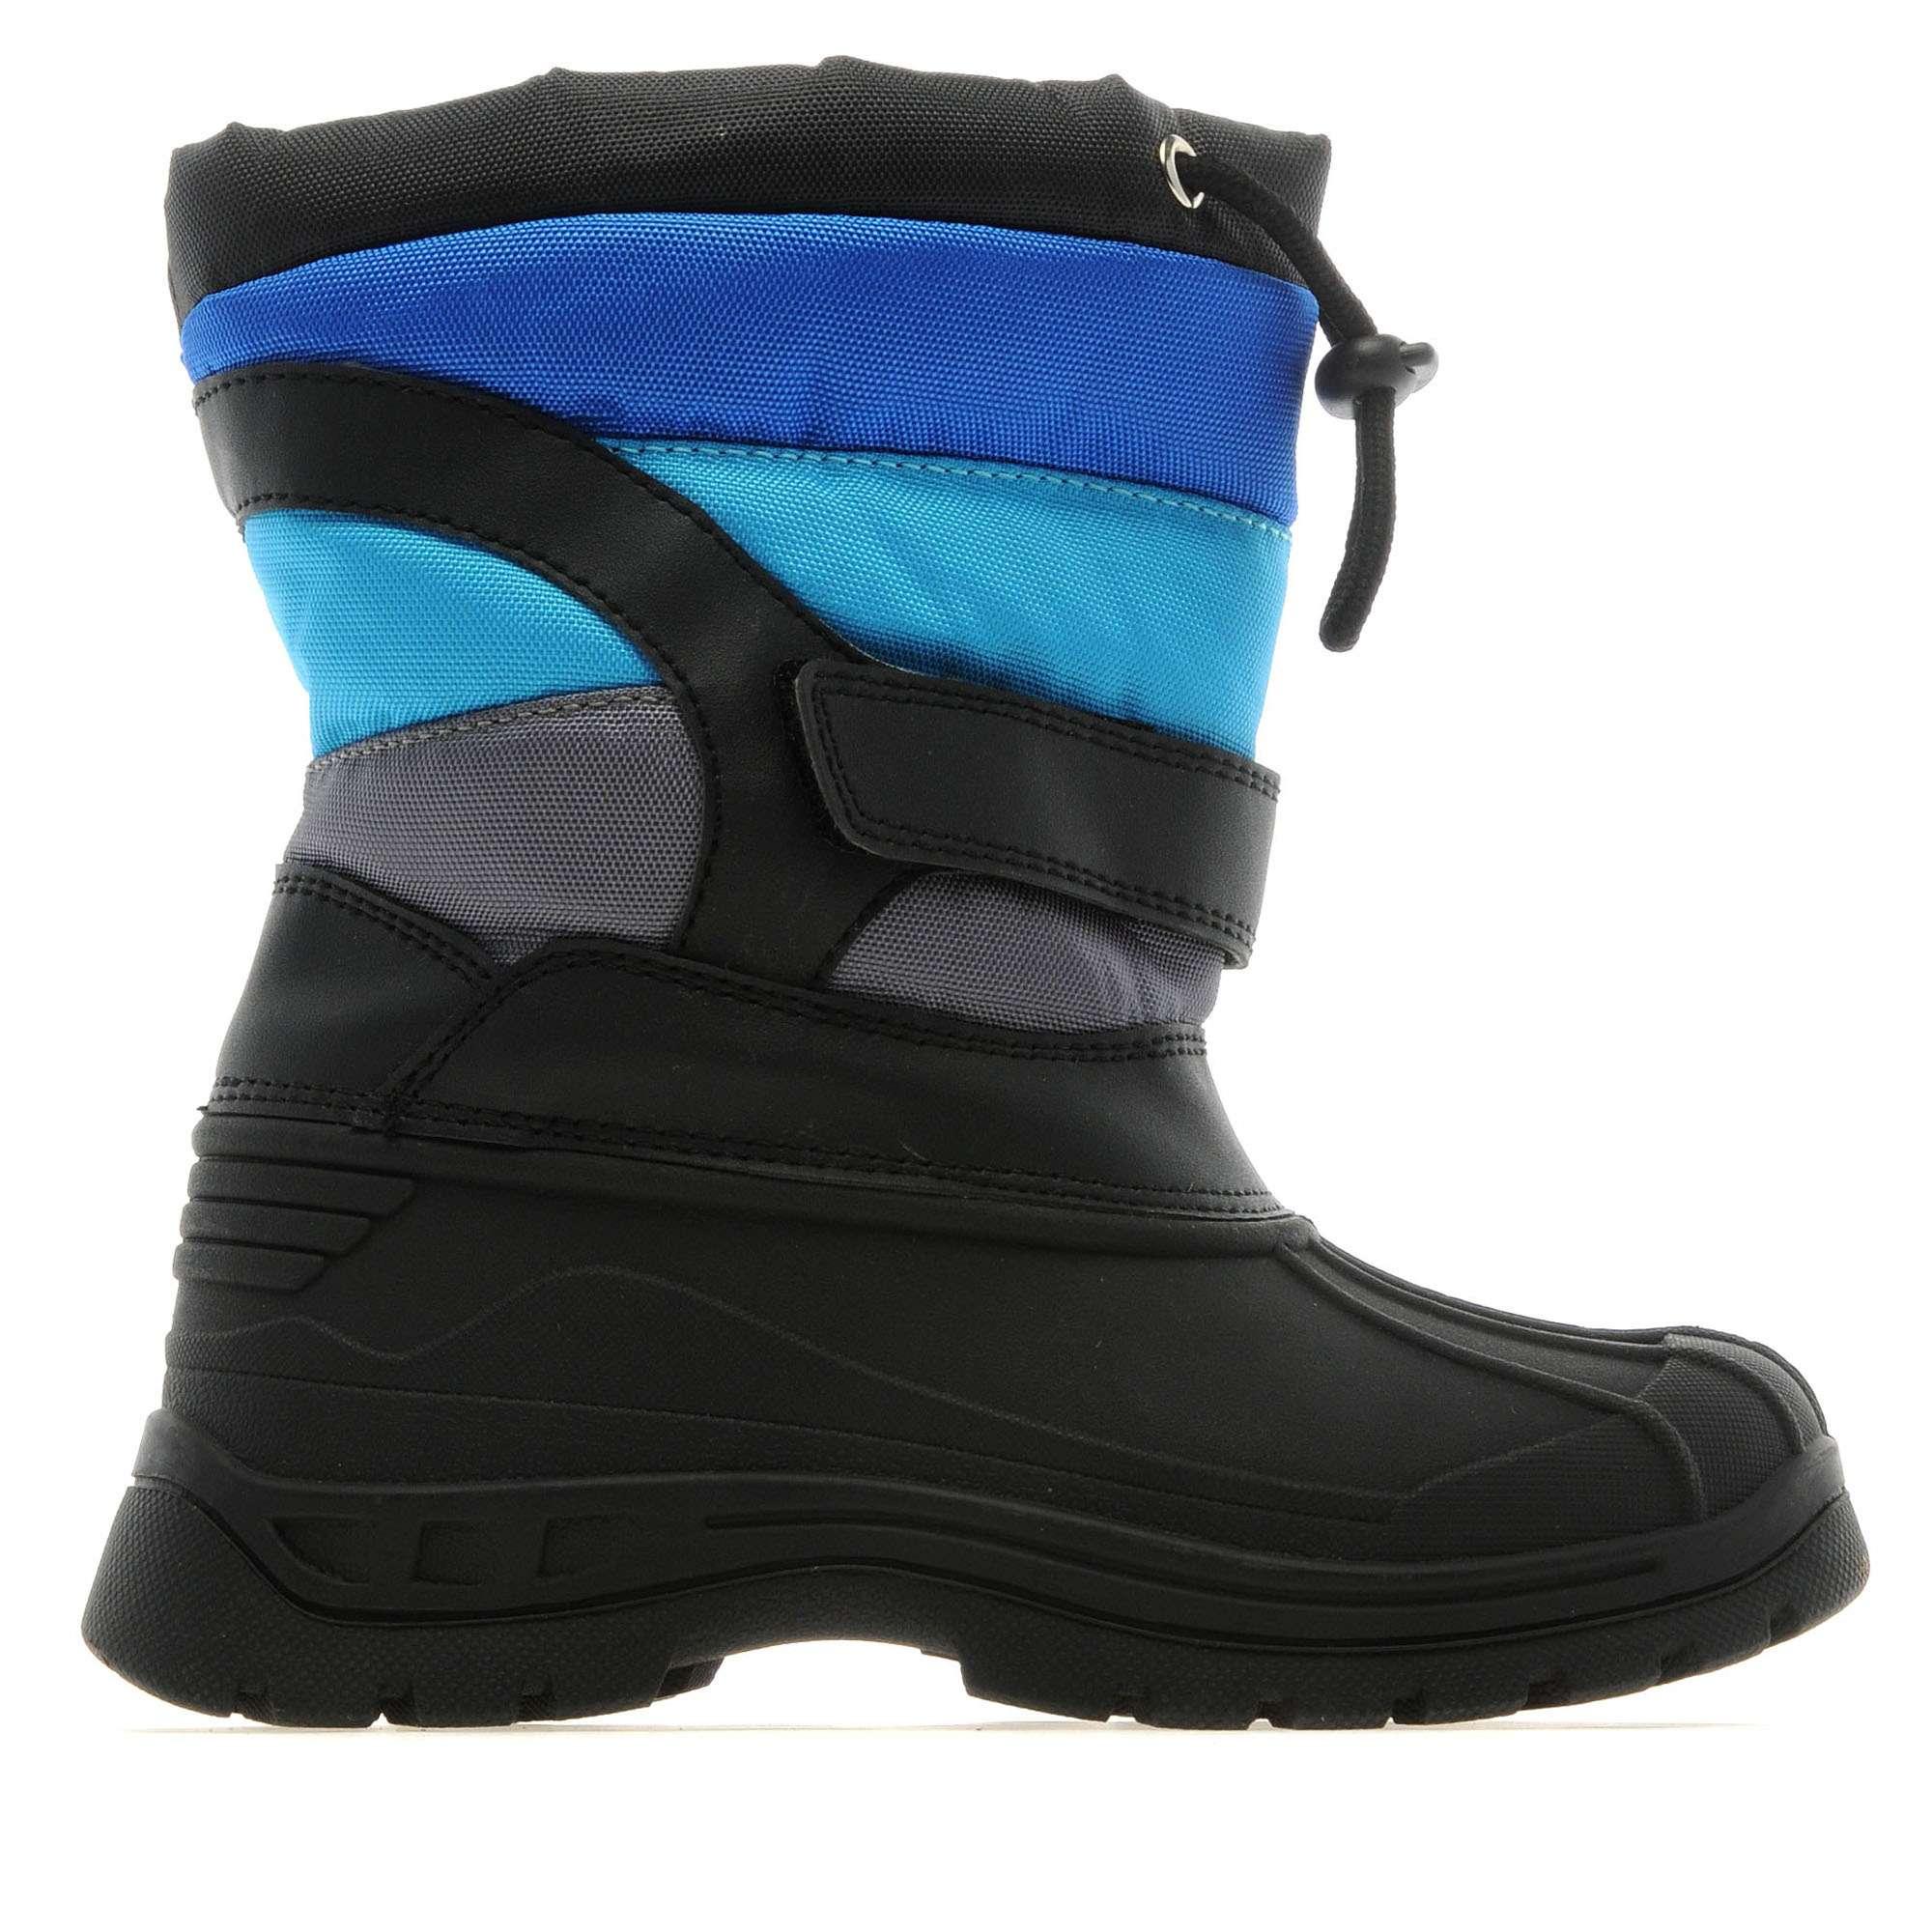 ALPINE Boy's Duck Snow Boots